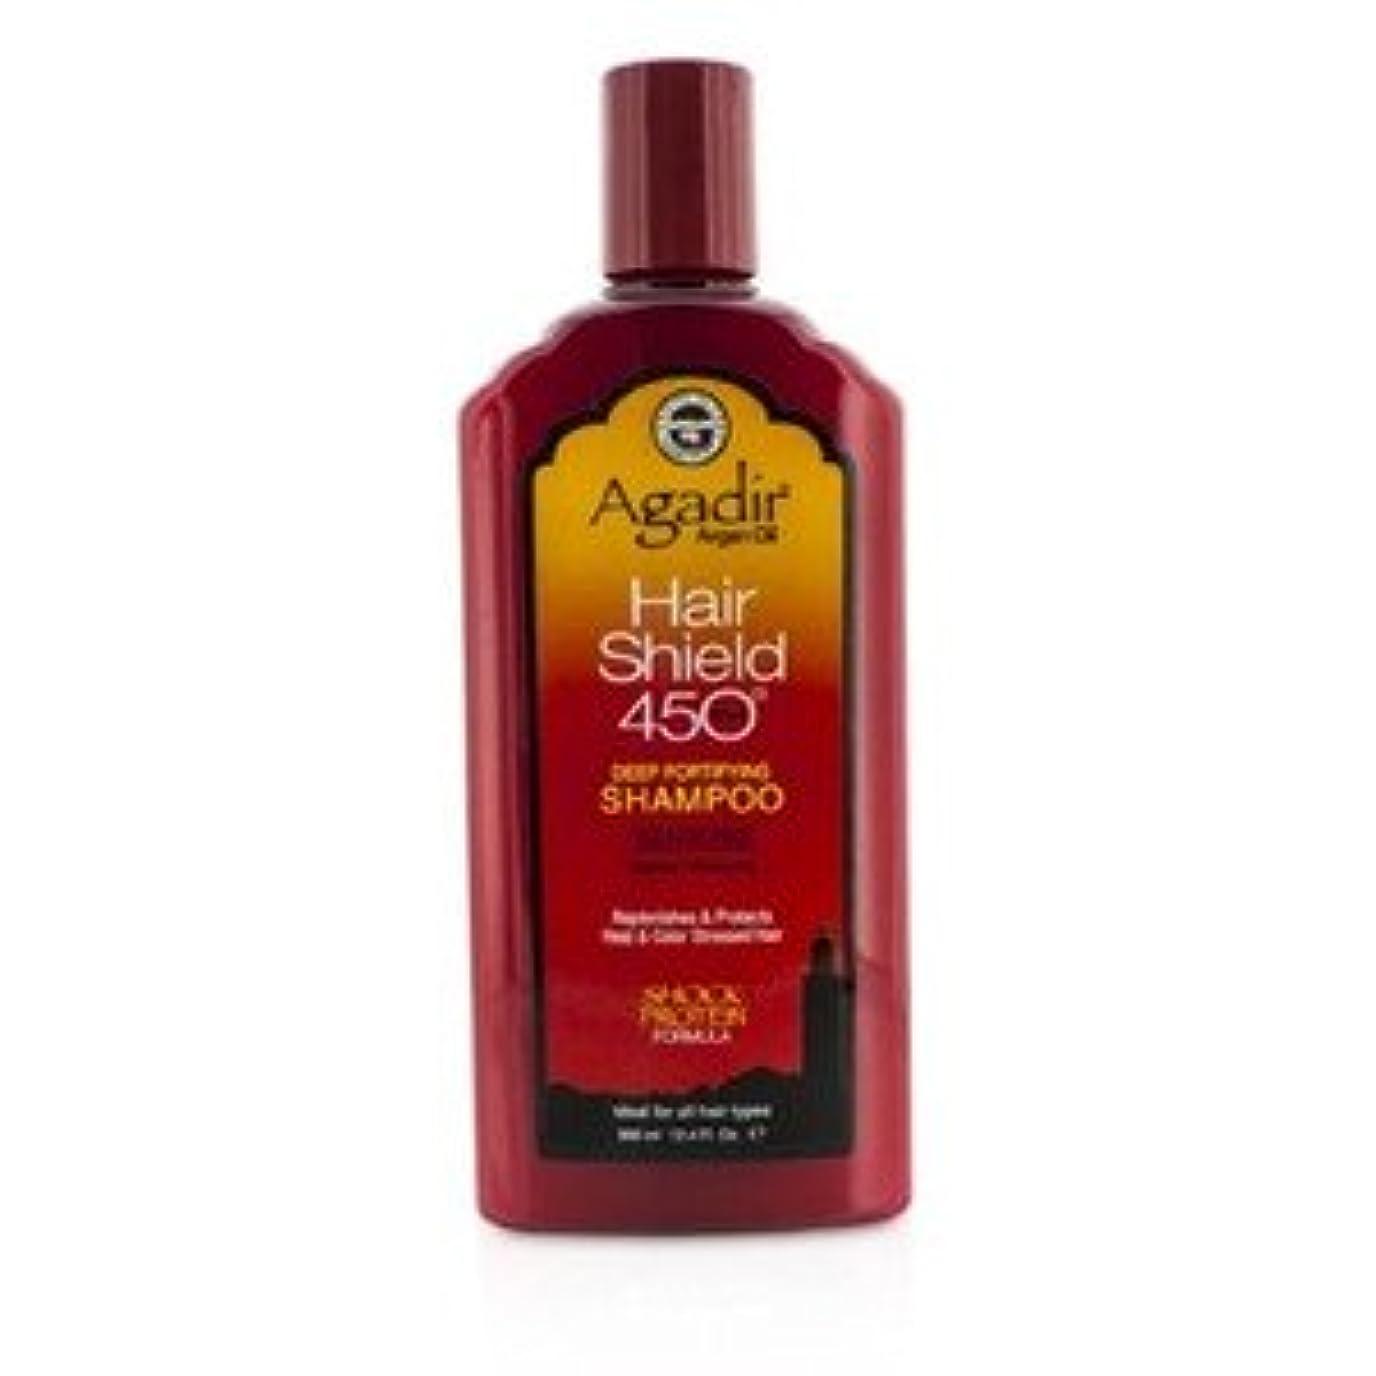 優雅な無数の治療アガディール(Agadir) ヘア シールド 450 プラス ディープ フォーティファイング シャンプー - サルフェートフリー(For All Hair Types) 366ml/12.4oz [並行輸入品]